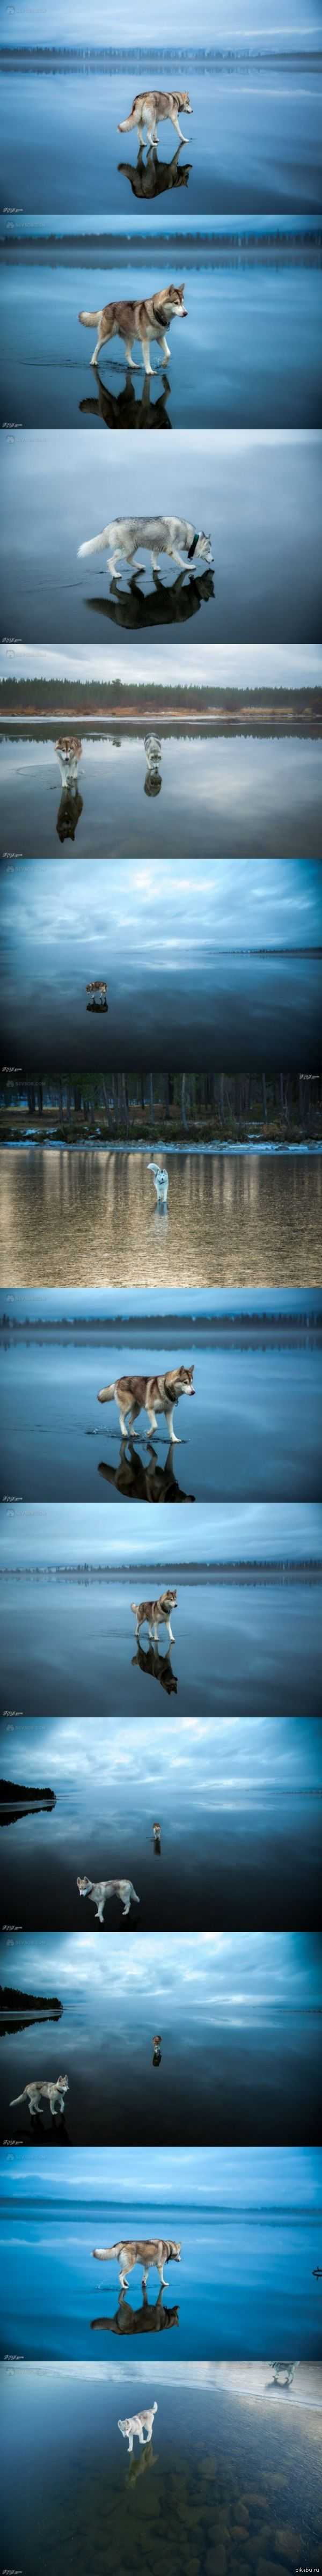 Сибирские хаски гуляют по замерзшему озеру. Очень красиво  сибирский хаски, Озеро, Фото, Собака, красота природы, длиннопост